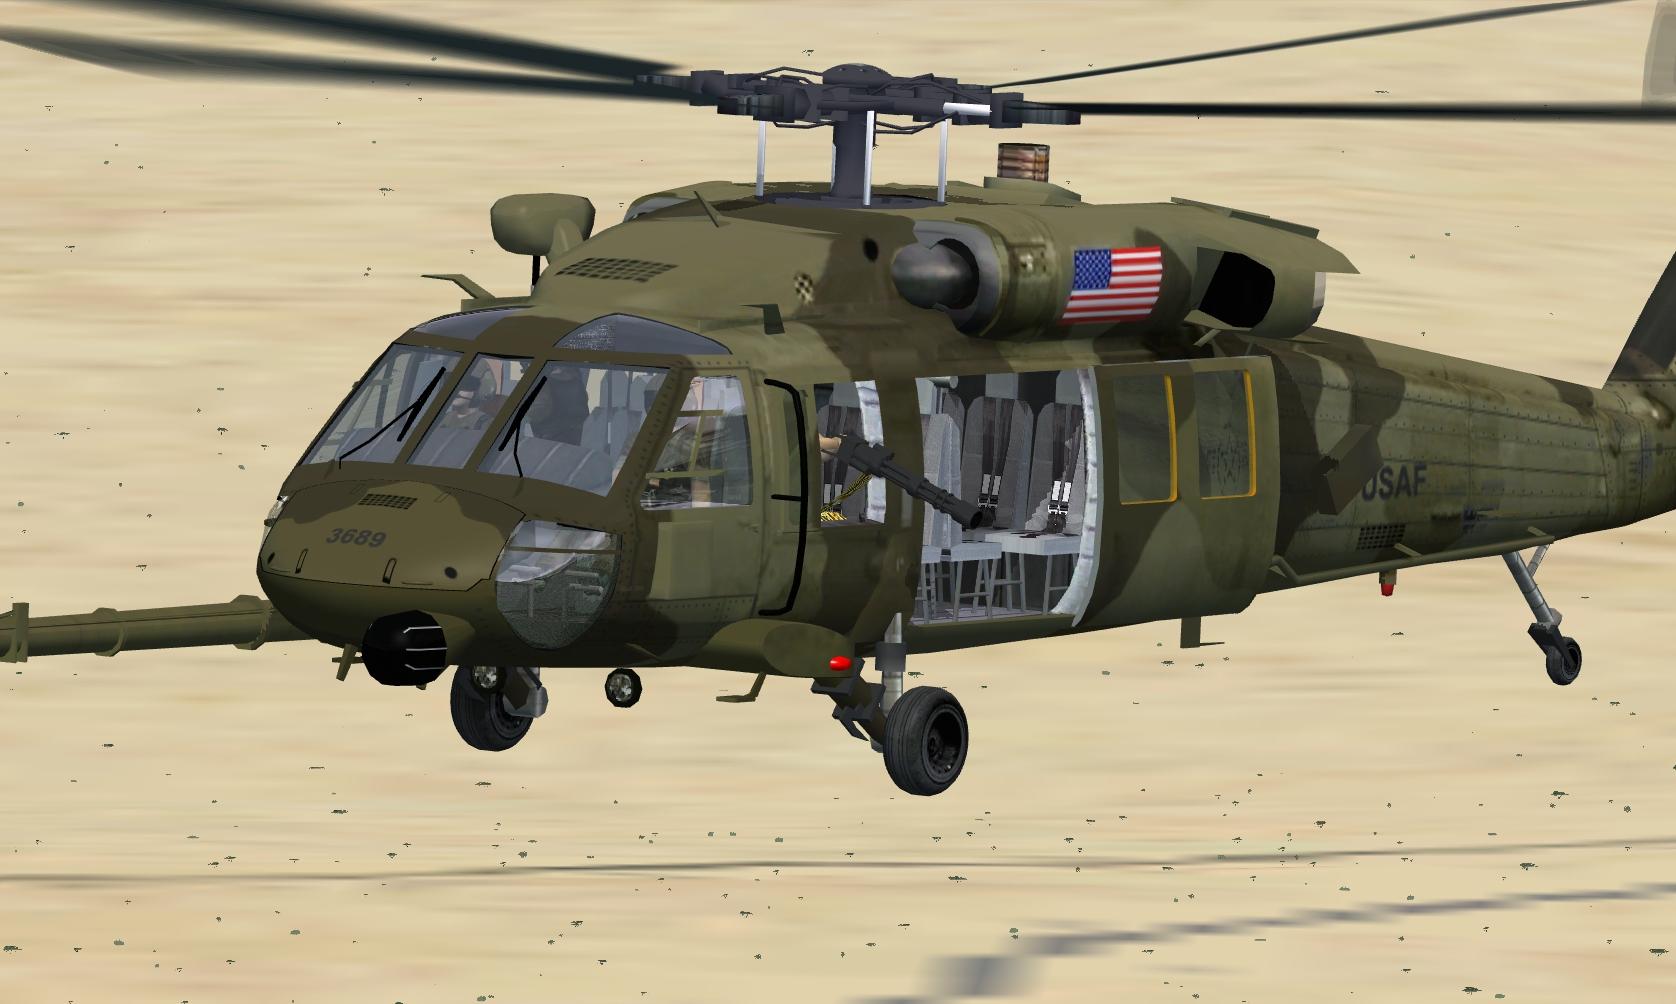 Десантный вертолет, фото, обои на рабочий стол